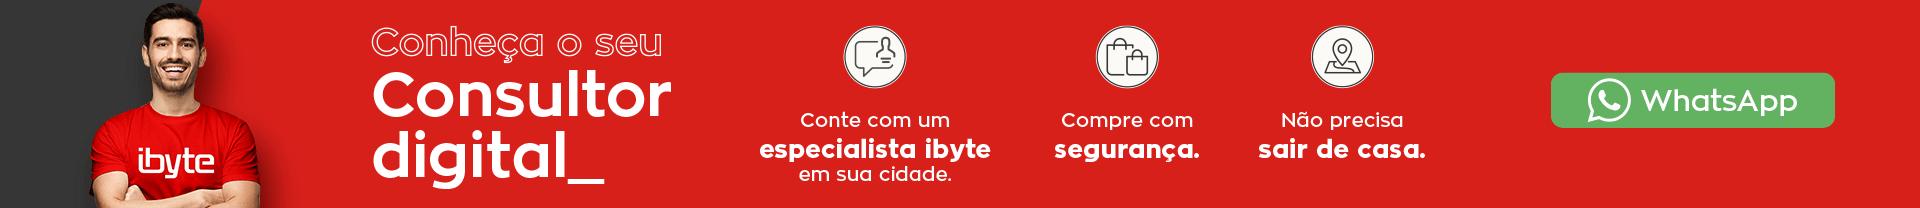 Consultores digitais dk